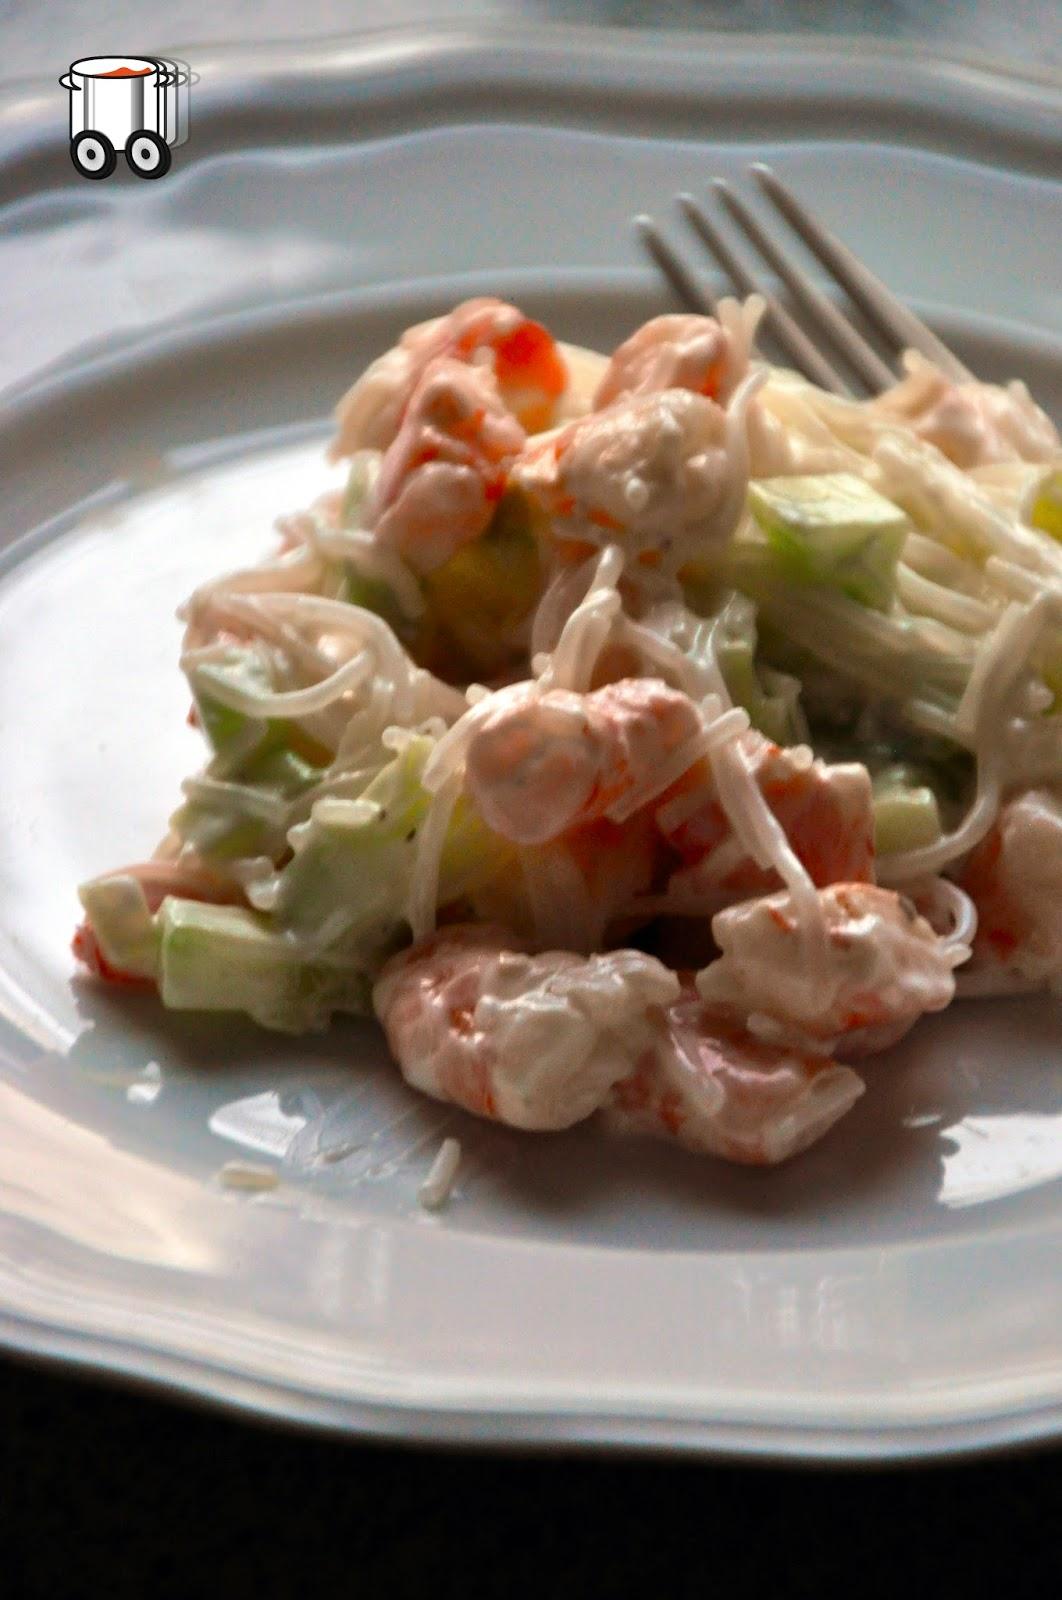 Schnell Preiswert Schmackhaft - Salat mit Reisnudeln